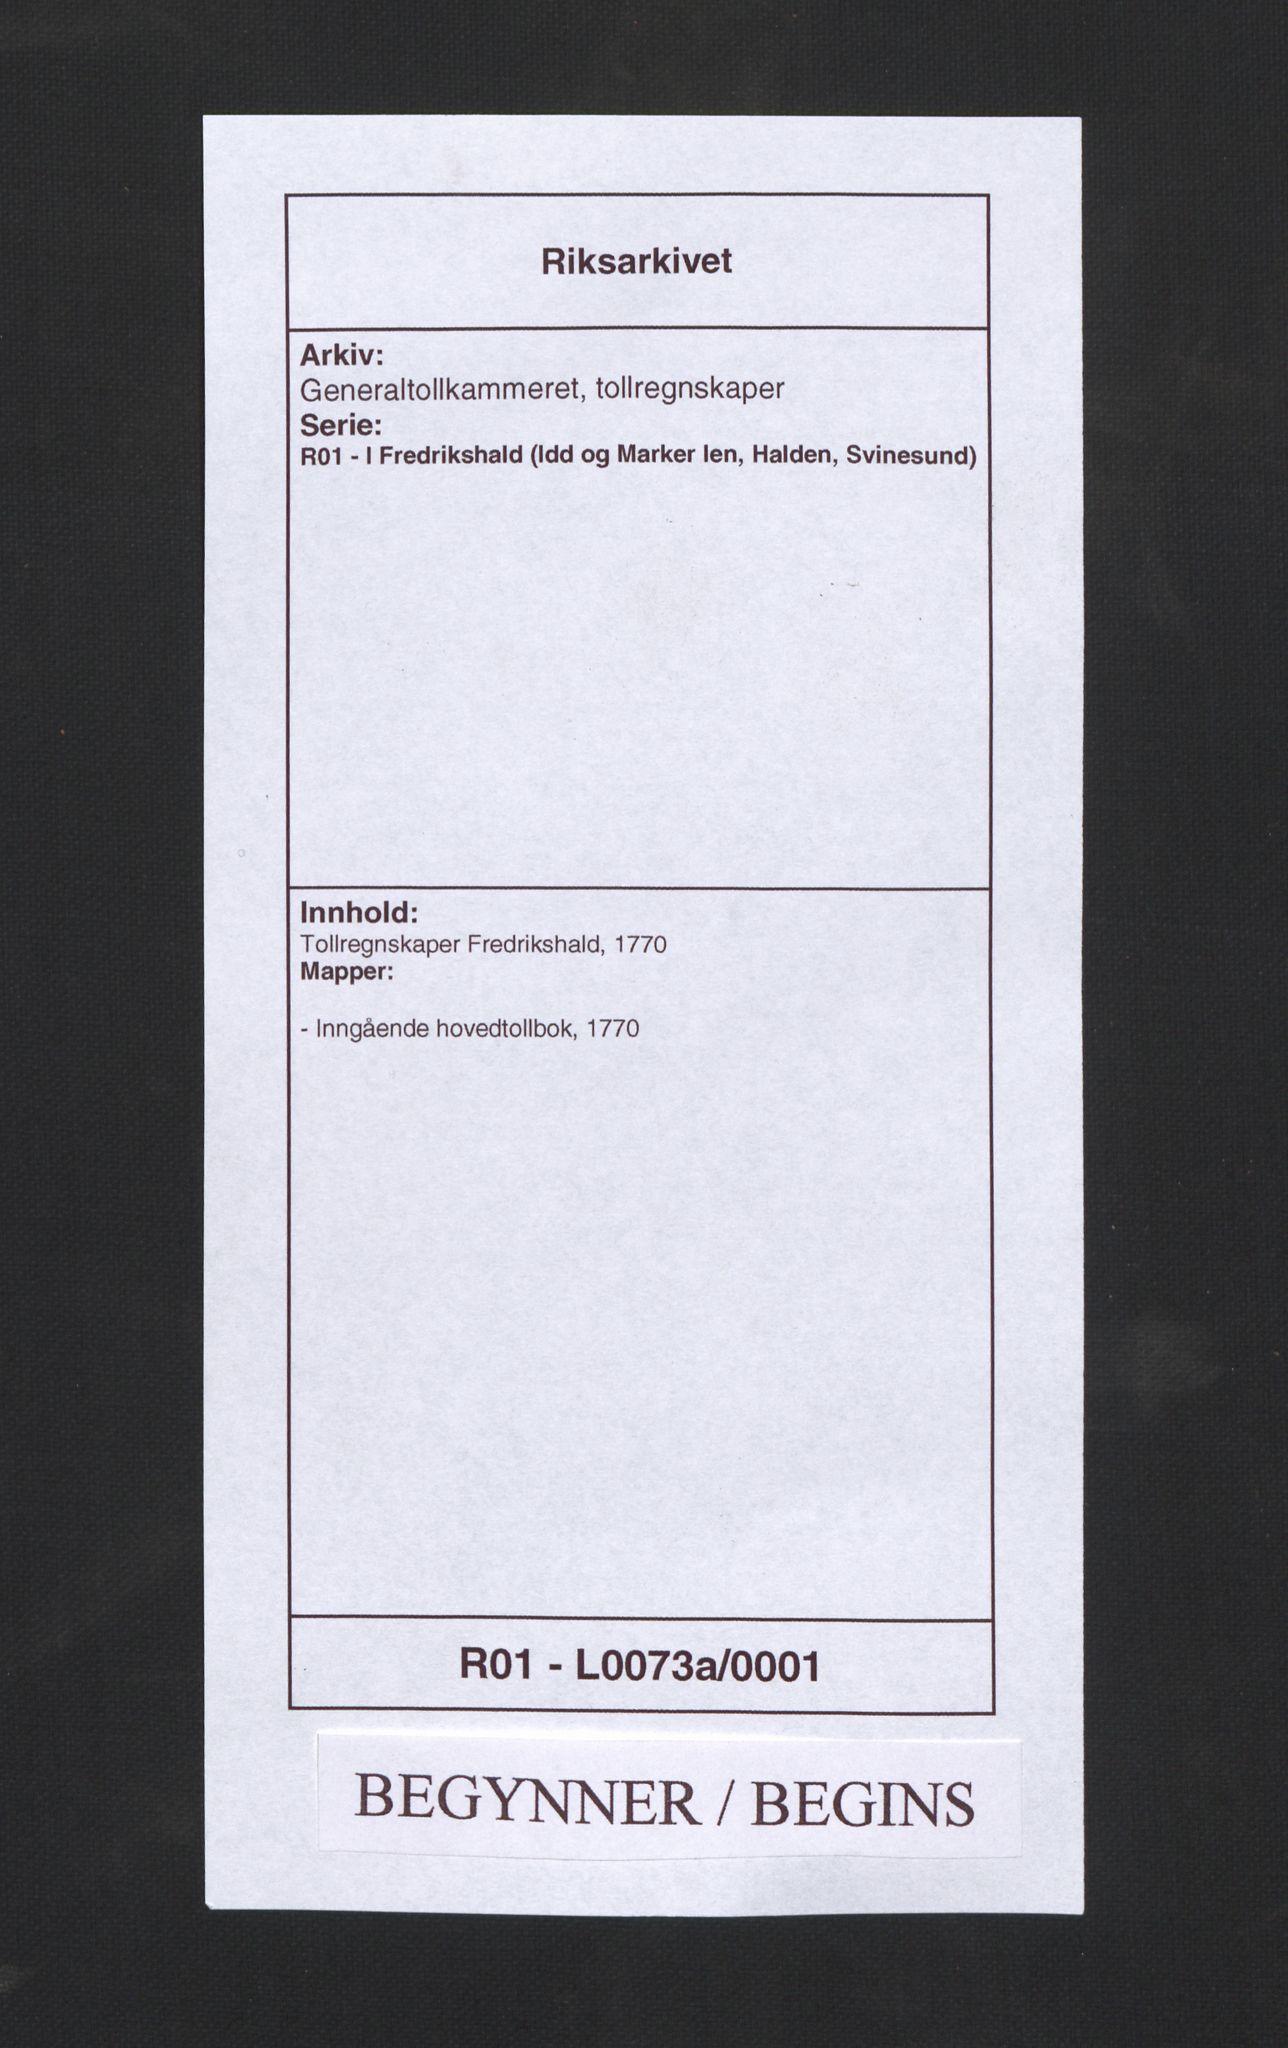 RA, Generaltollkammeret, tollregnskaper, R01/L0073a: Tollregnskaper Fredrikshald, 1770